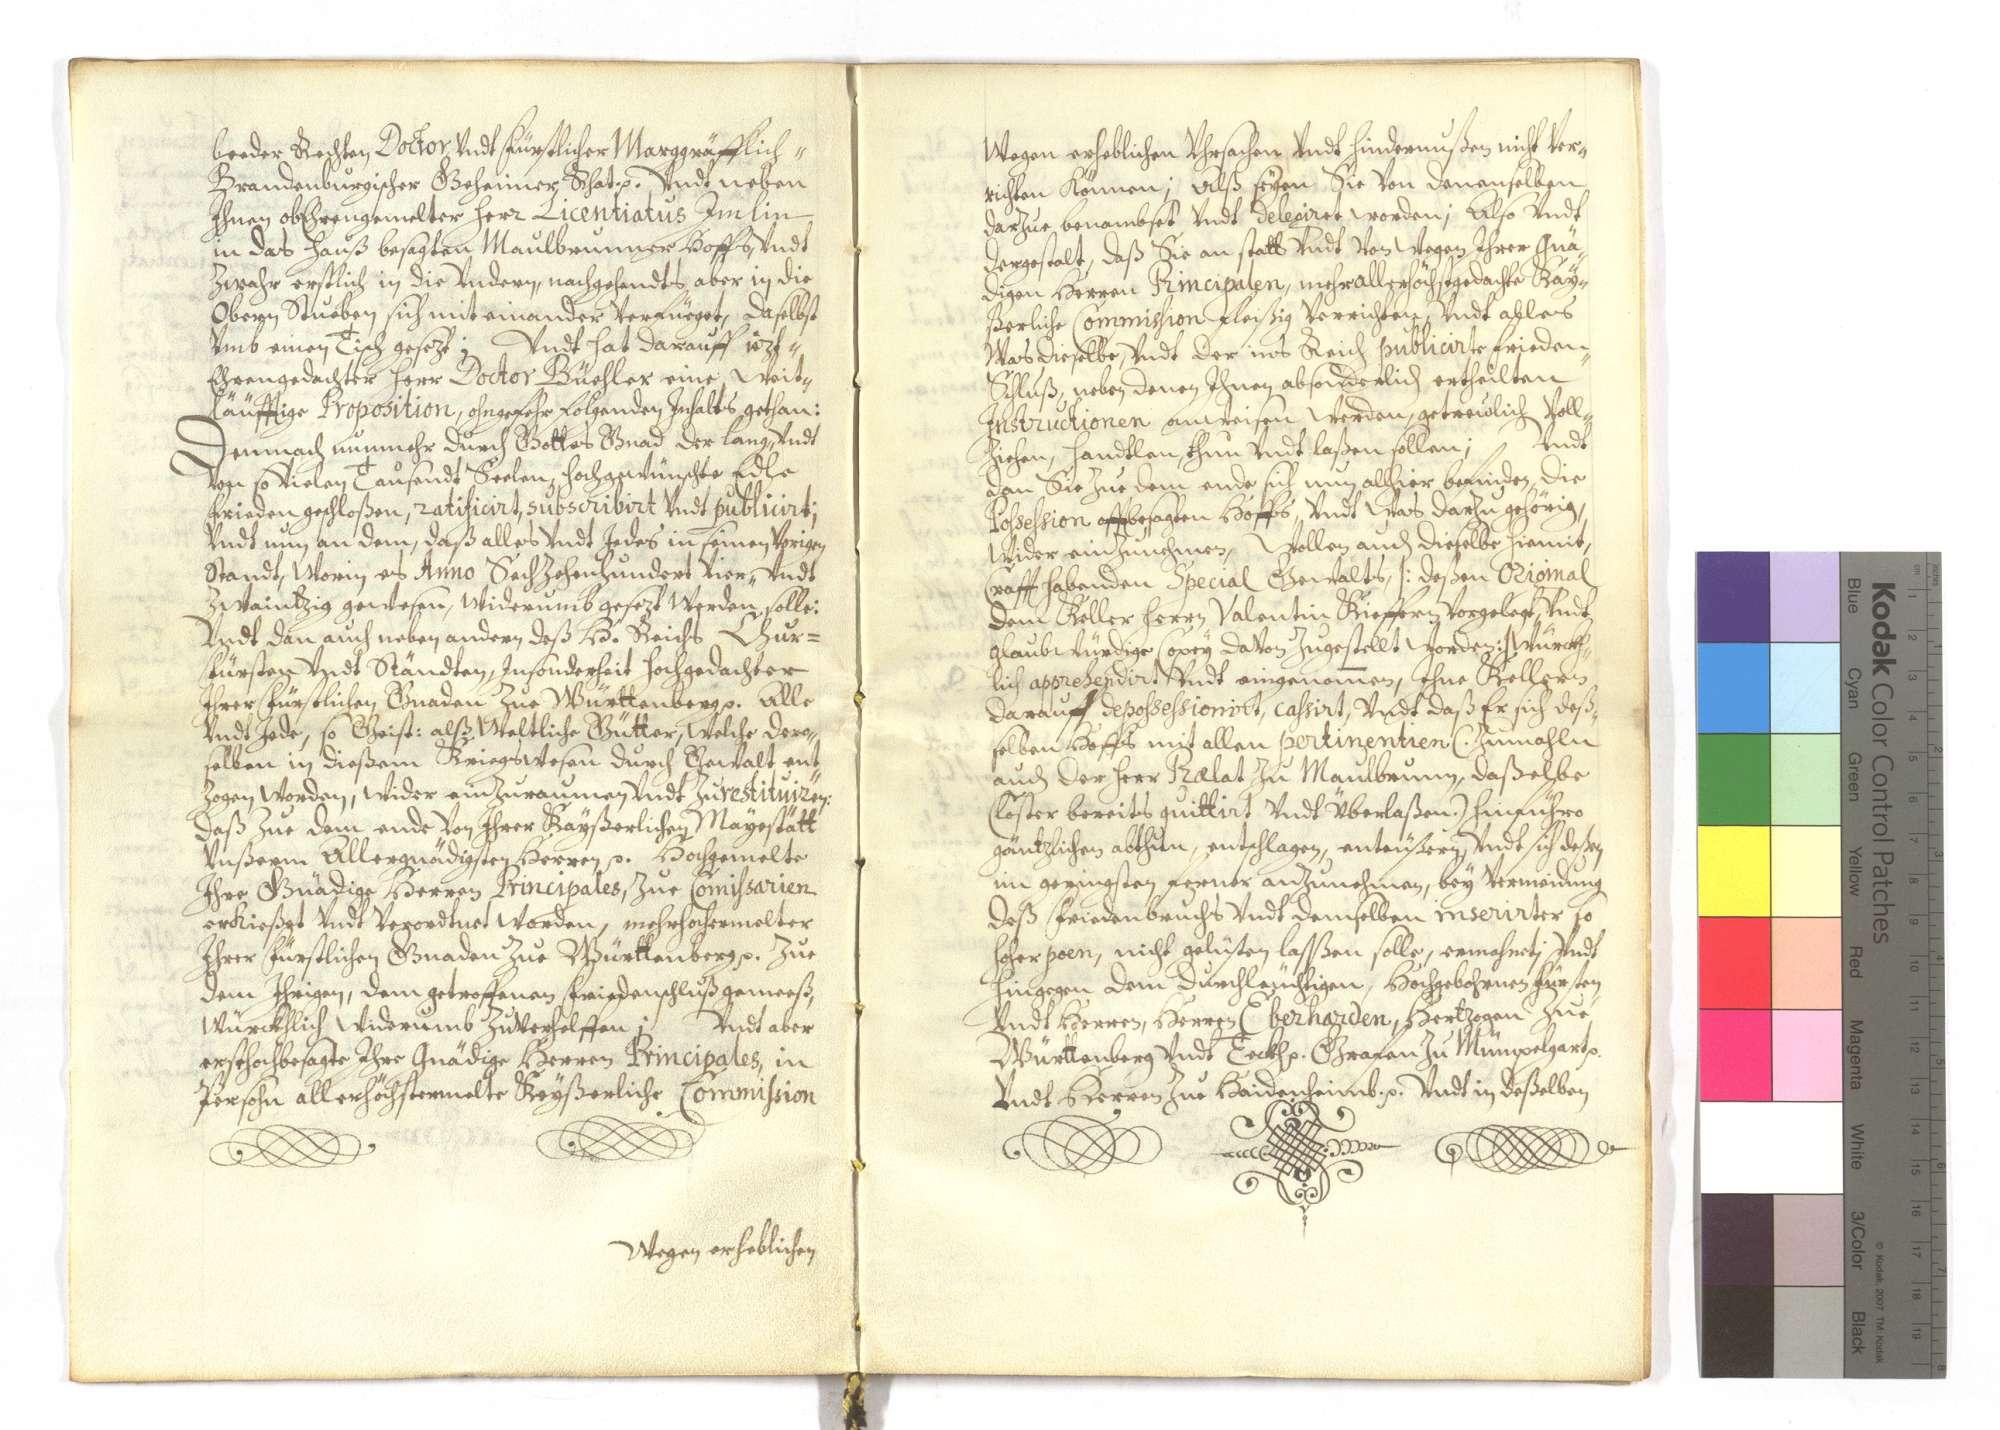 Der kaiserliche Notar Sebastian Schiller bestätigt die Restitution des Maulbronner Klosterhofs in Speyer und des Fleckens Lußheim an Herzog Eberhard von Württemberg (Wirtemberg) und die dort geleistete Huldigung., Bild 3